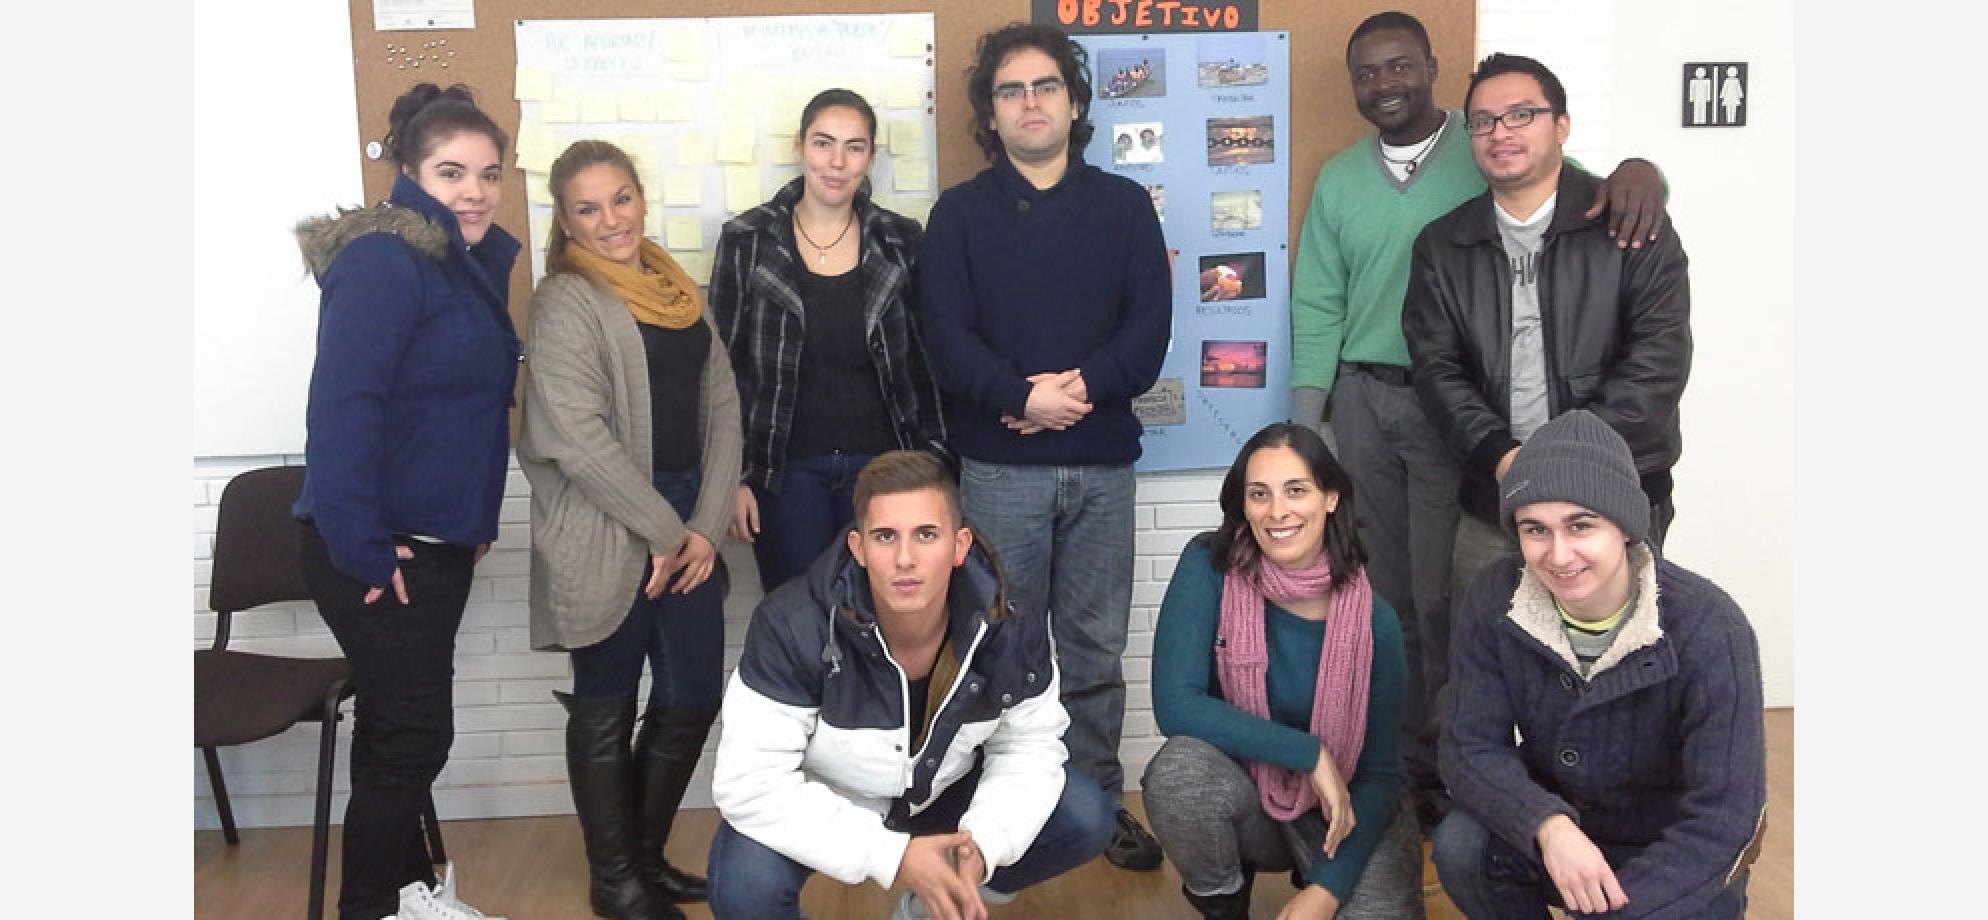 Sant boi de llobregat ii 2015 lanzaderas de empleo - Sofas sant boi de llobregat ...